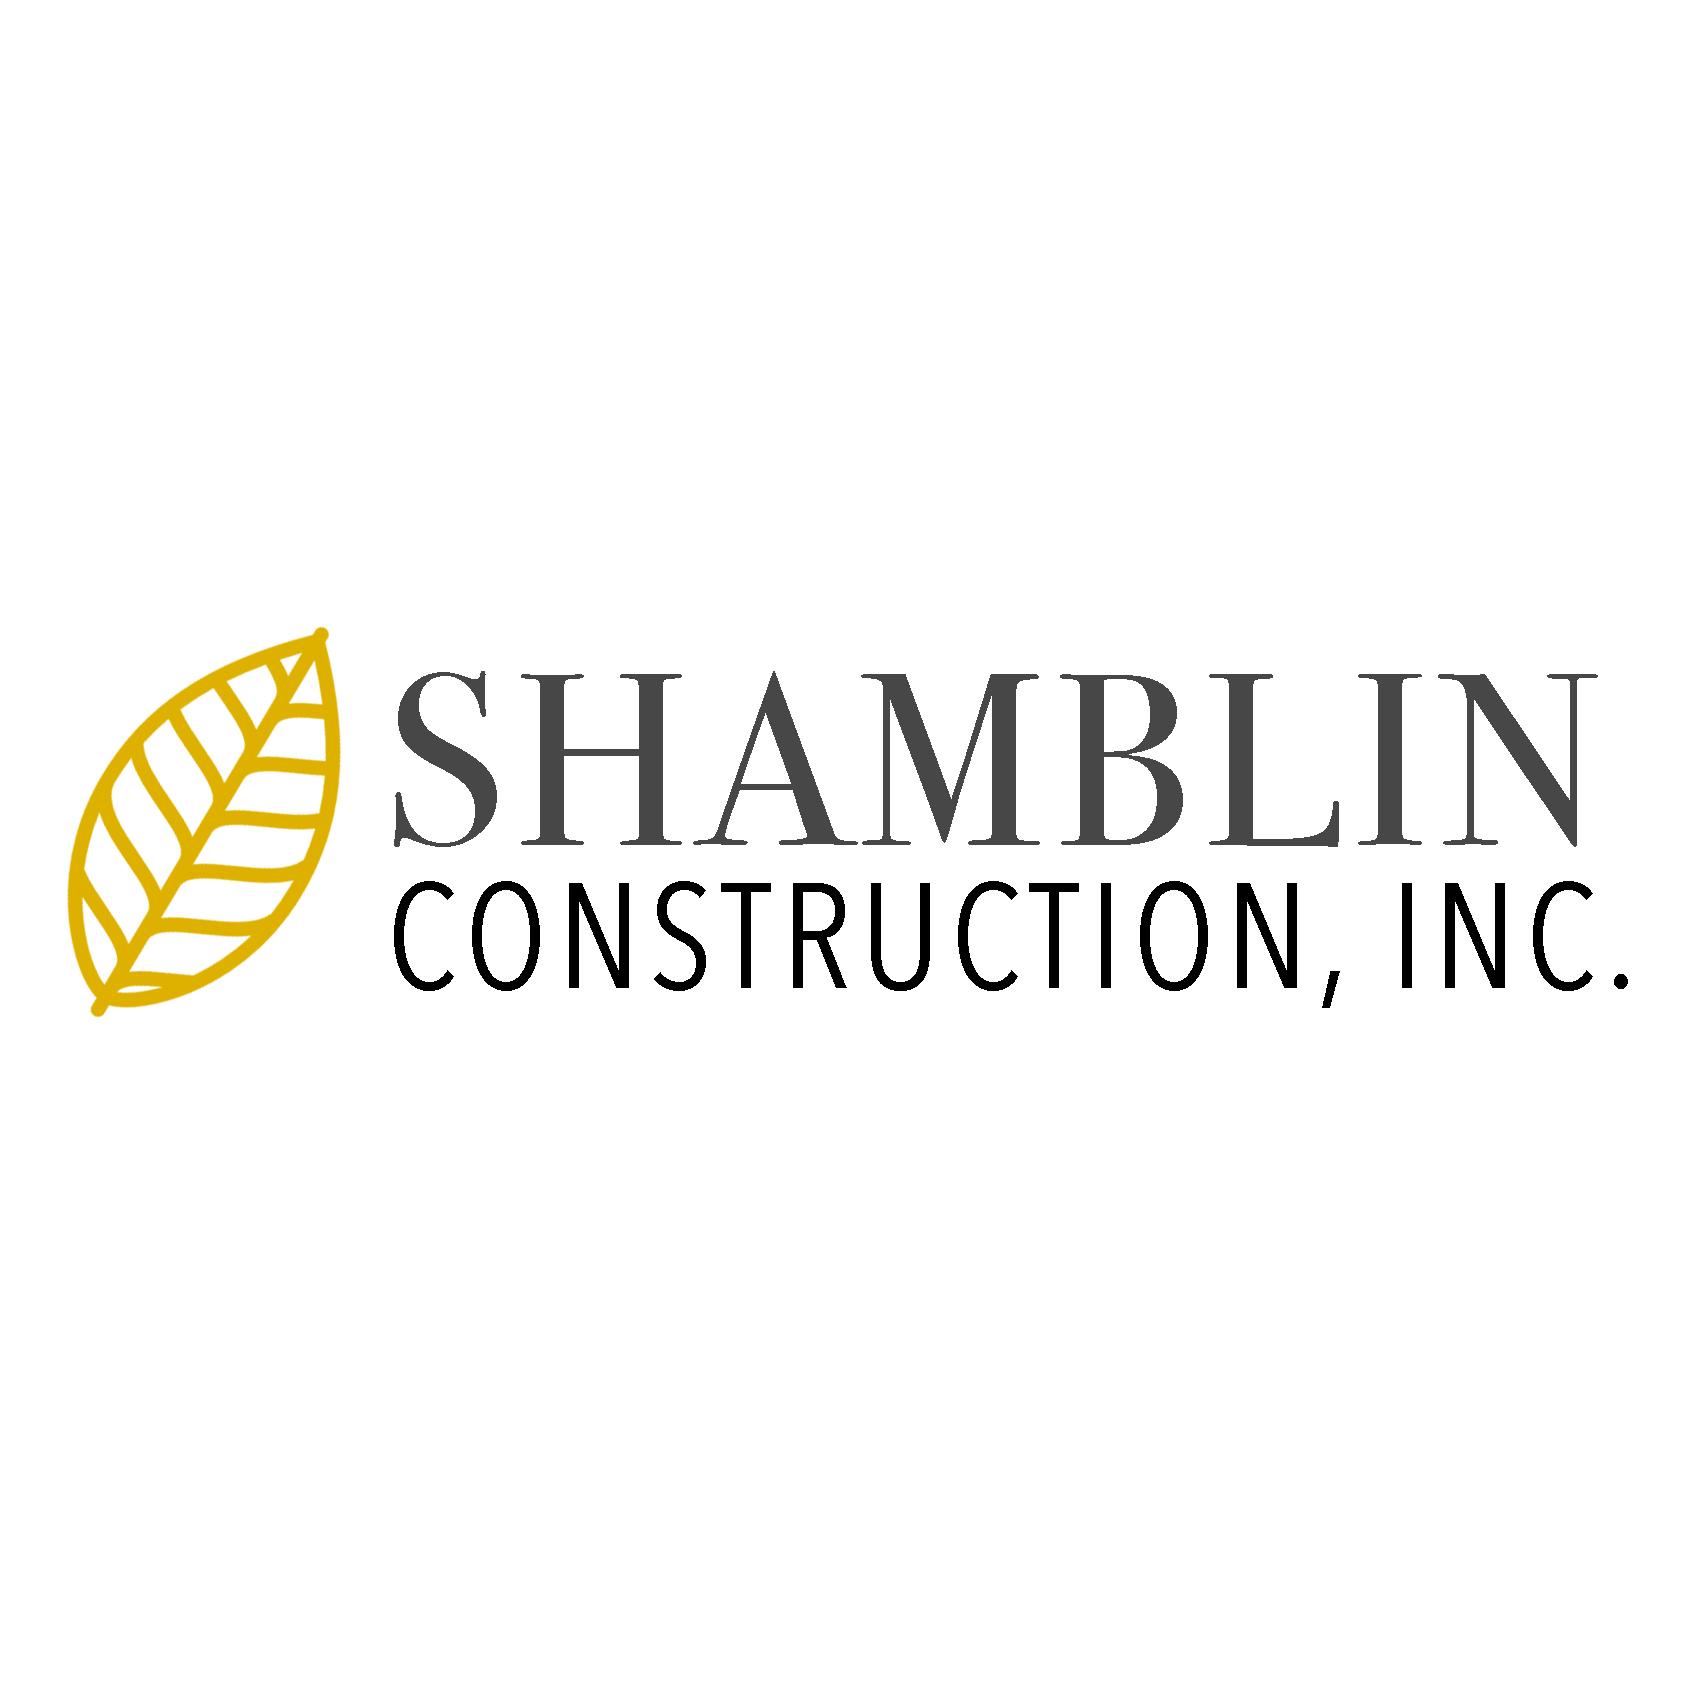 Shamblin Construction, Inc.